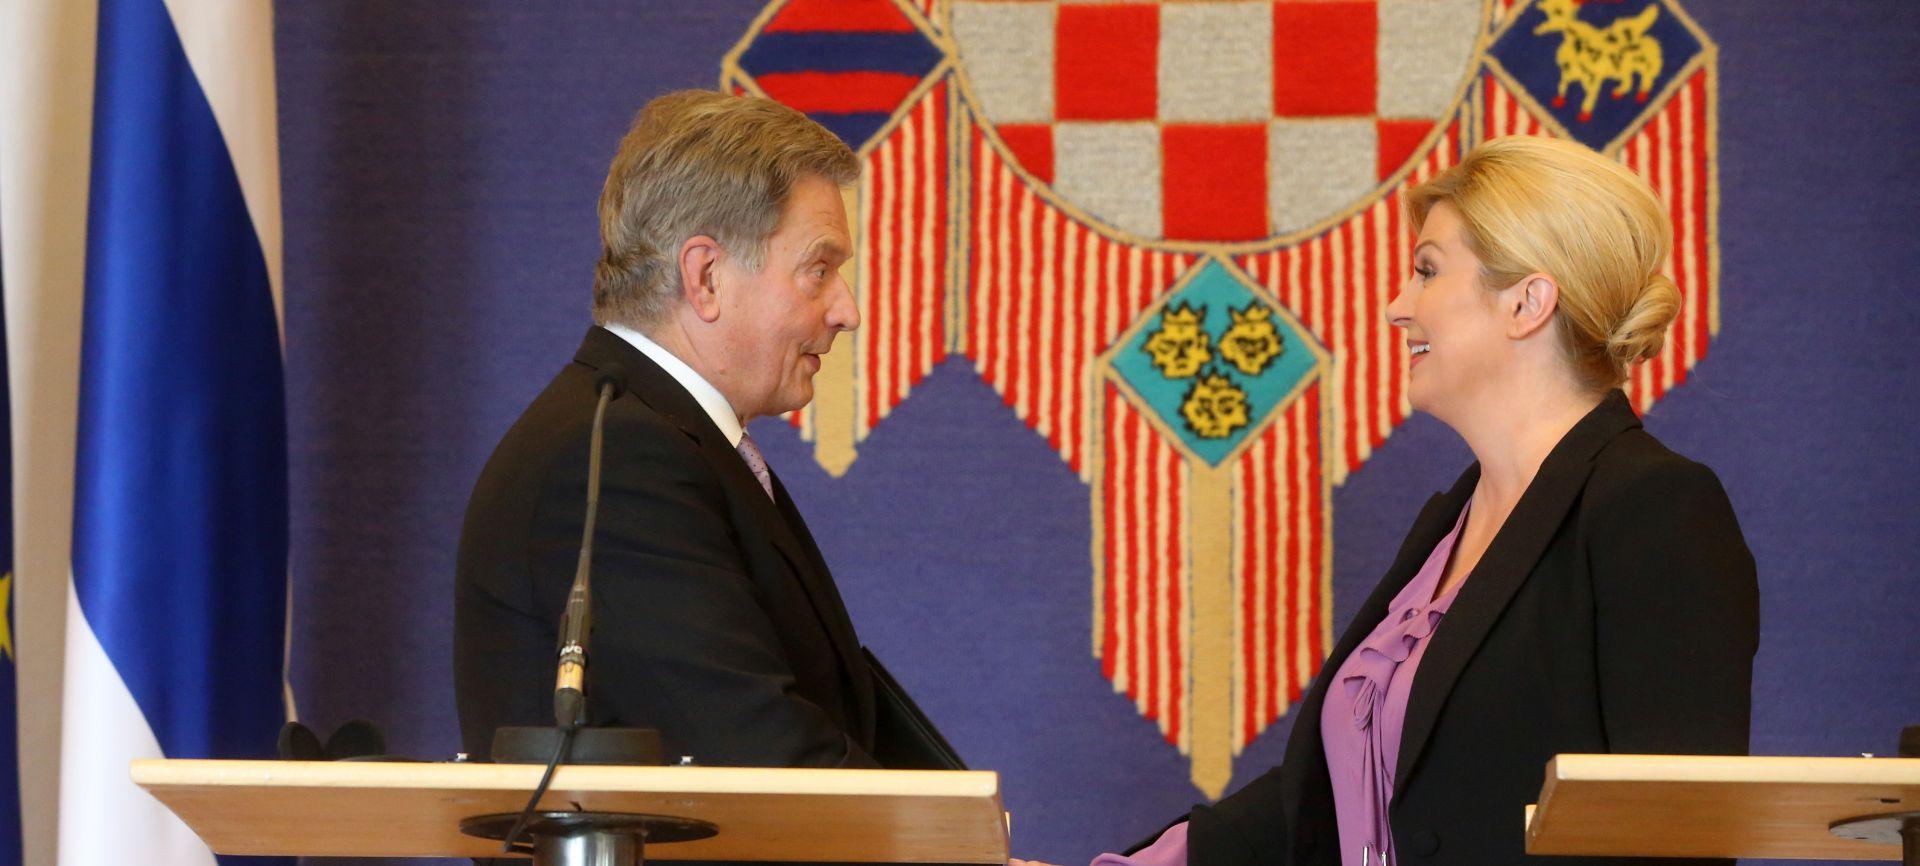 'Finska je zemlja partner i računamo na intenzivniju suradnju u EU-u'